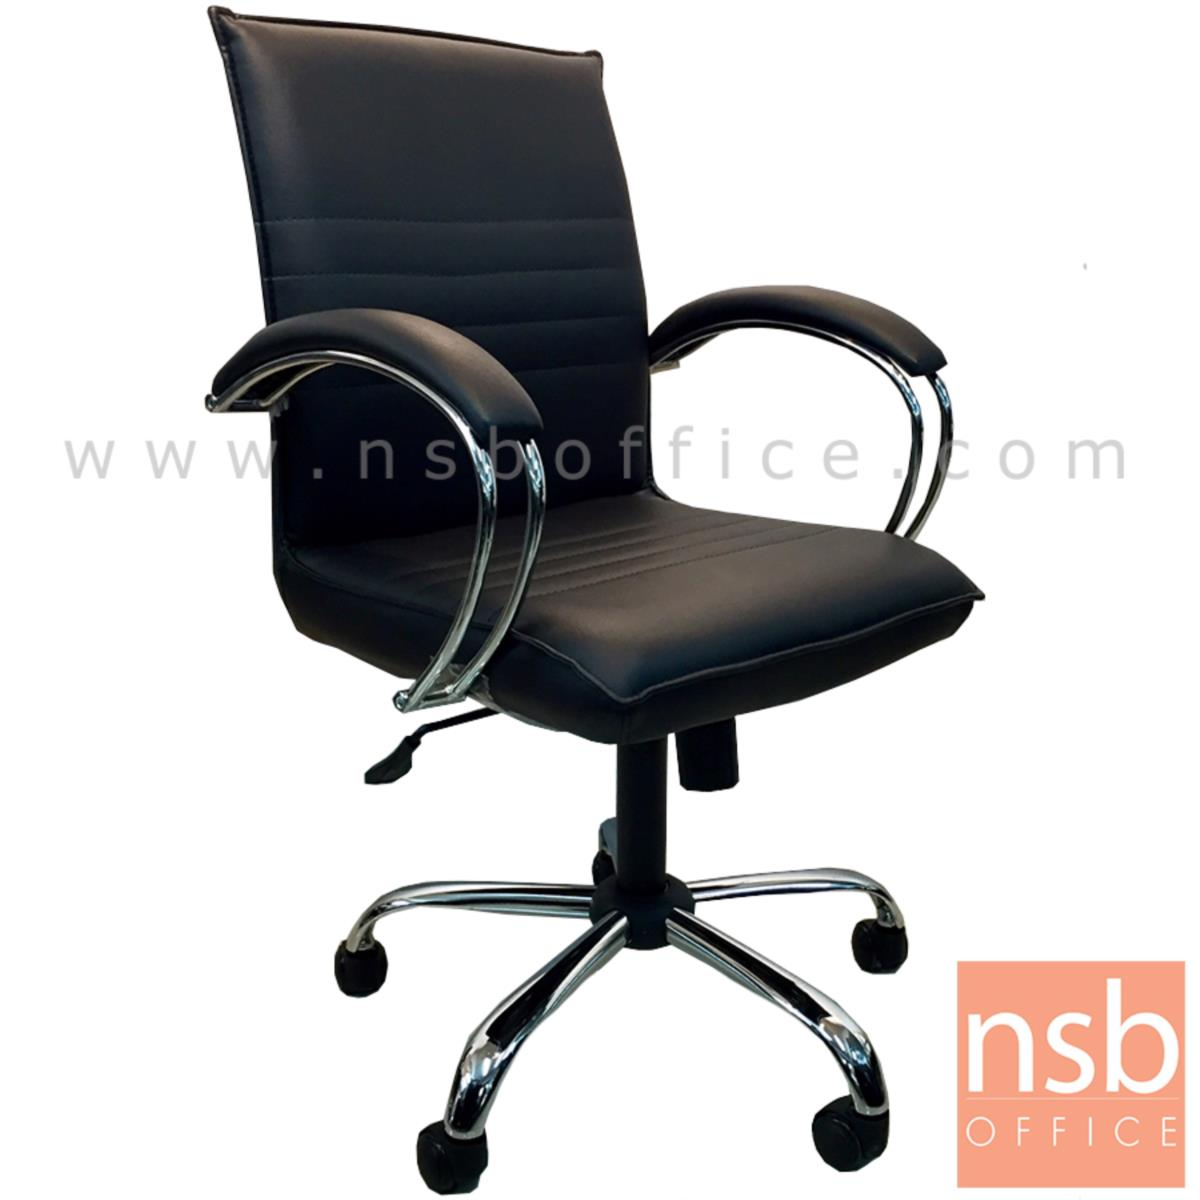 B26A041:เก้าอี้สำนักงาน รุ่น Aiken (ไอเคน) โช๊คแก๊ส มีก้อนโยก ขาเหล็กชุบโครเมี่ยม